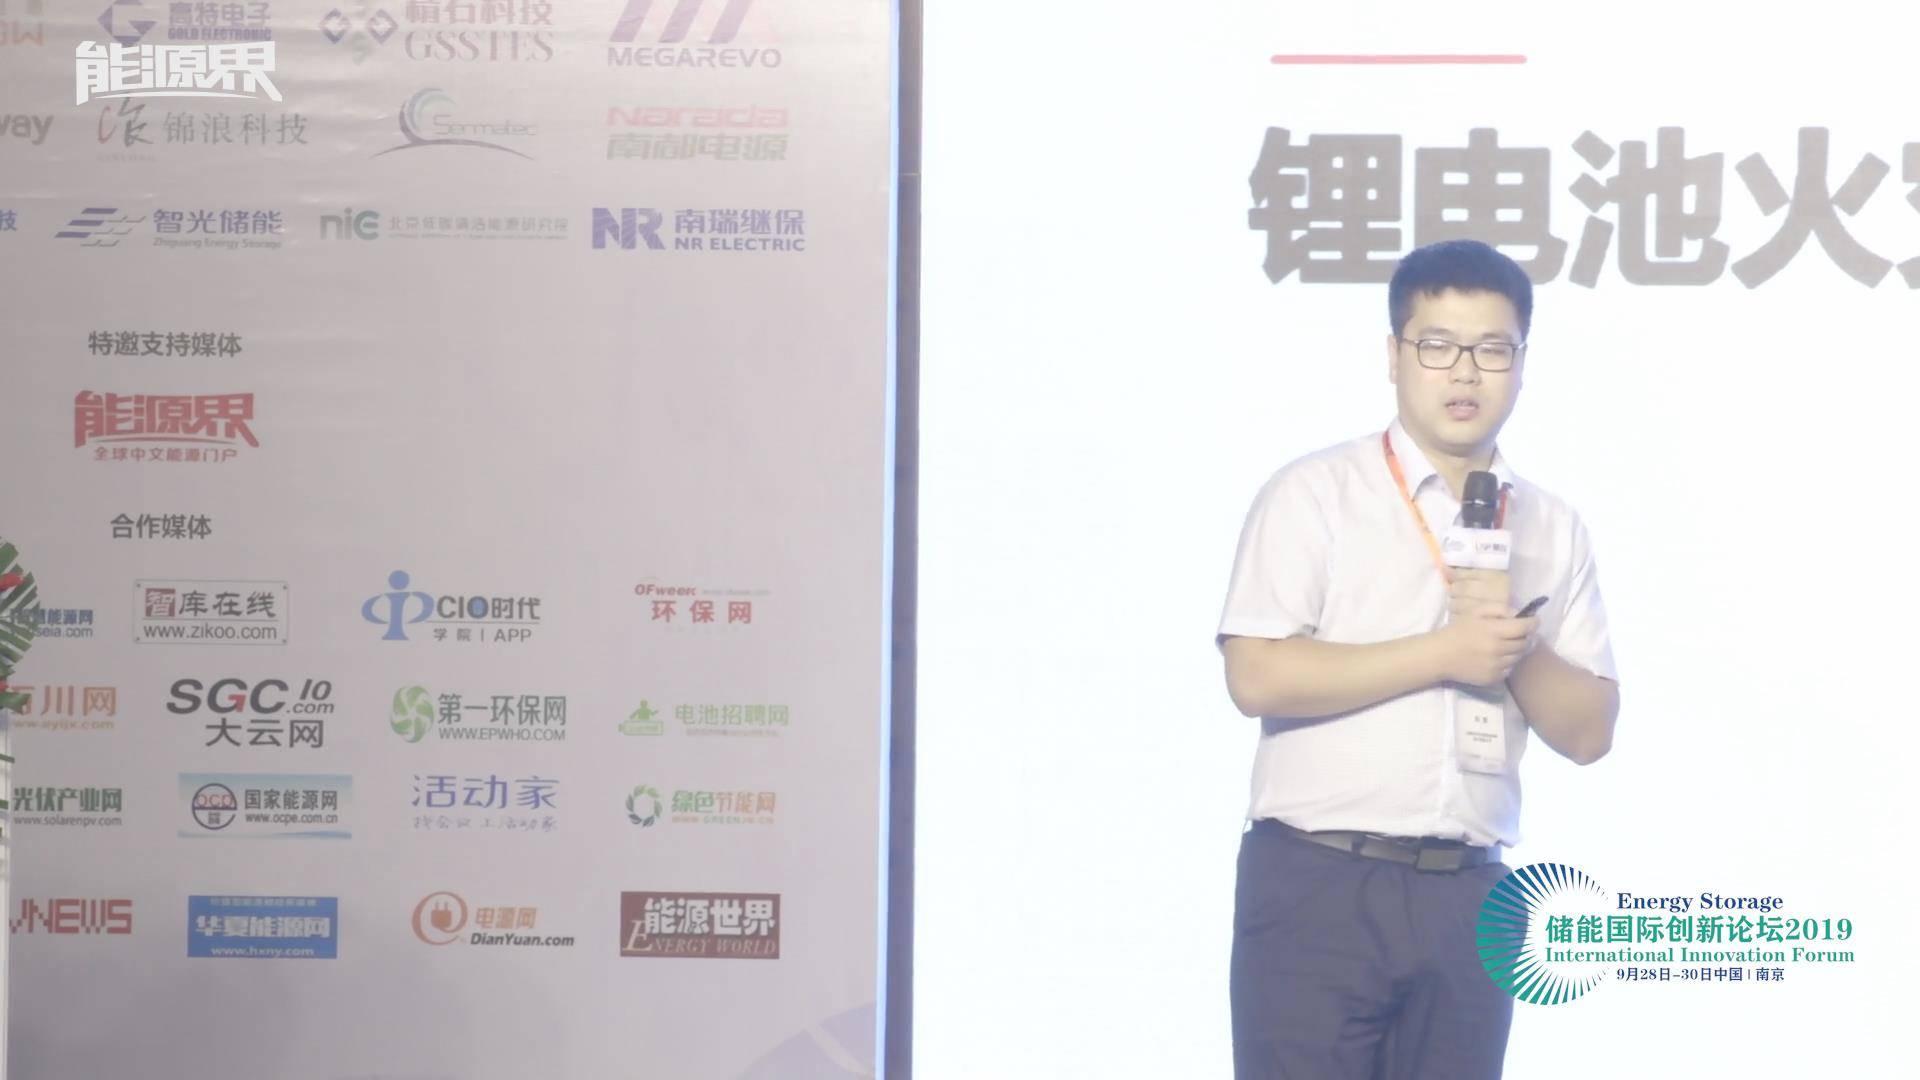 劉智:電化學儲能電站的熱失控研究及消防系統解決方案